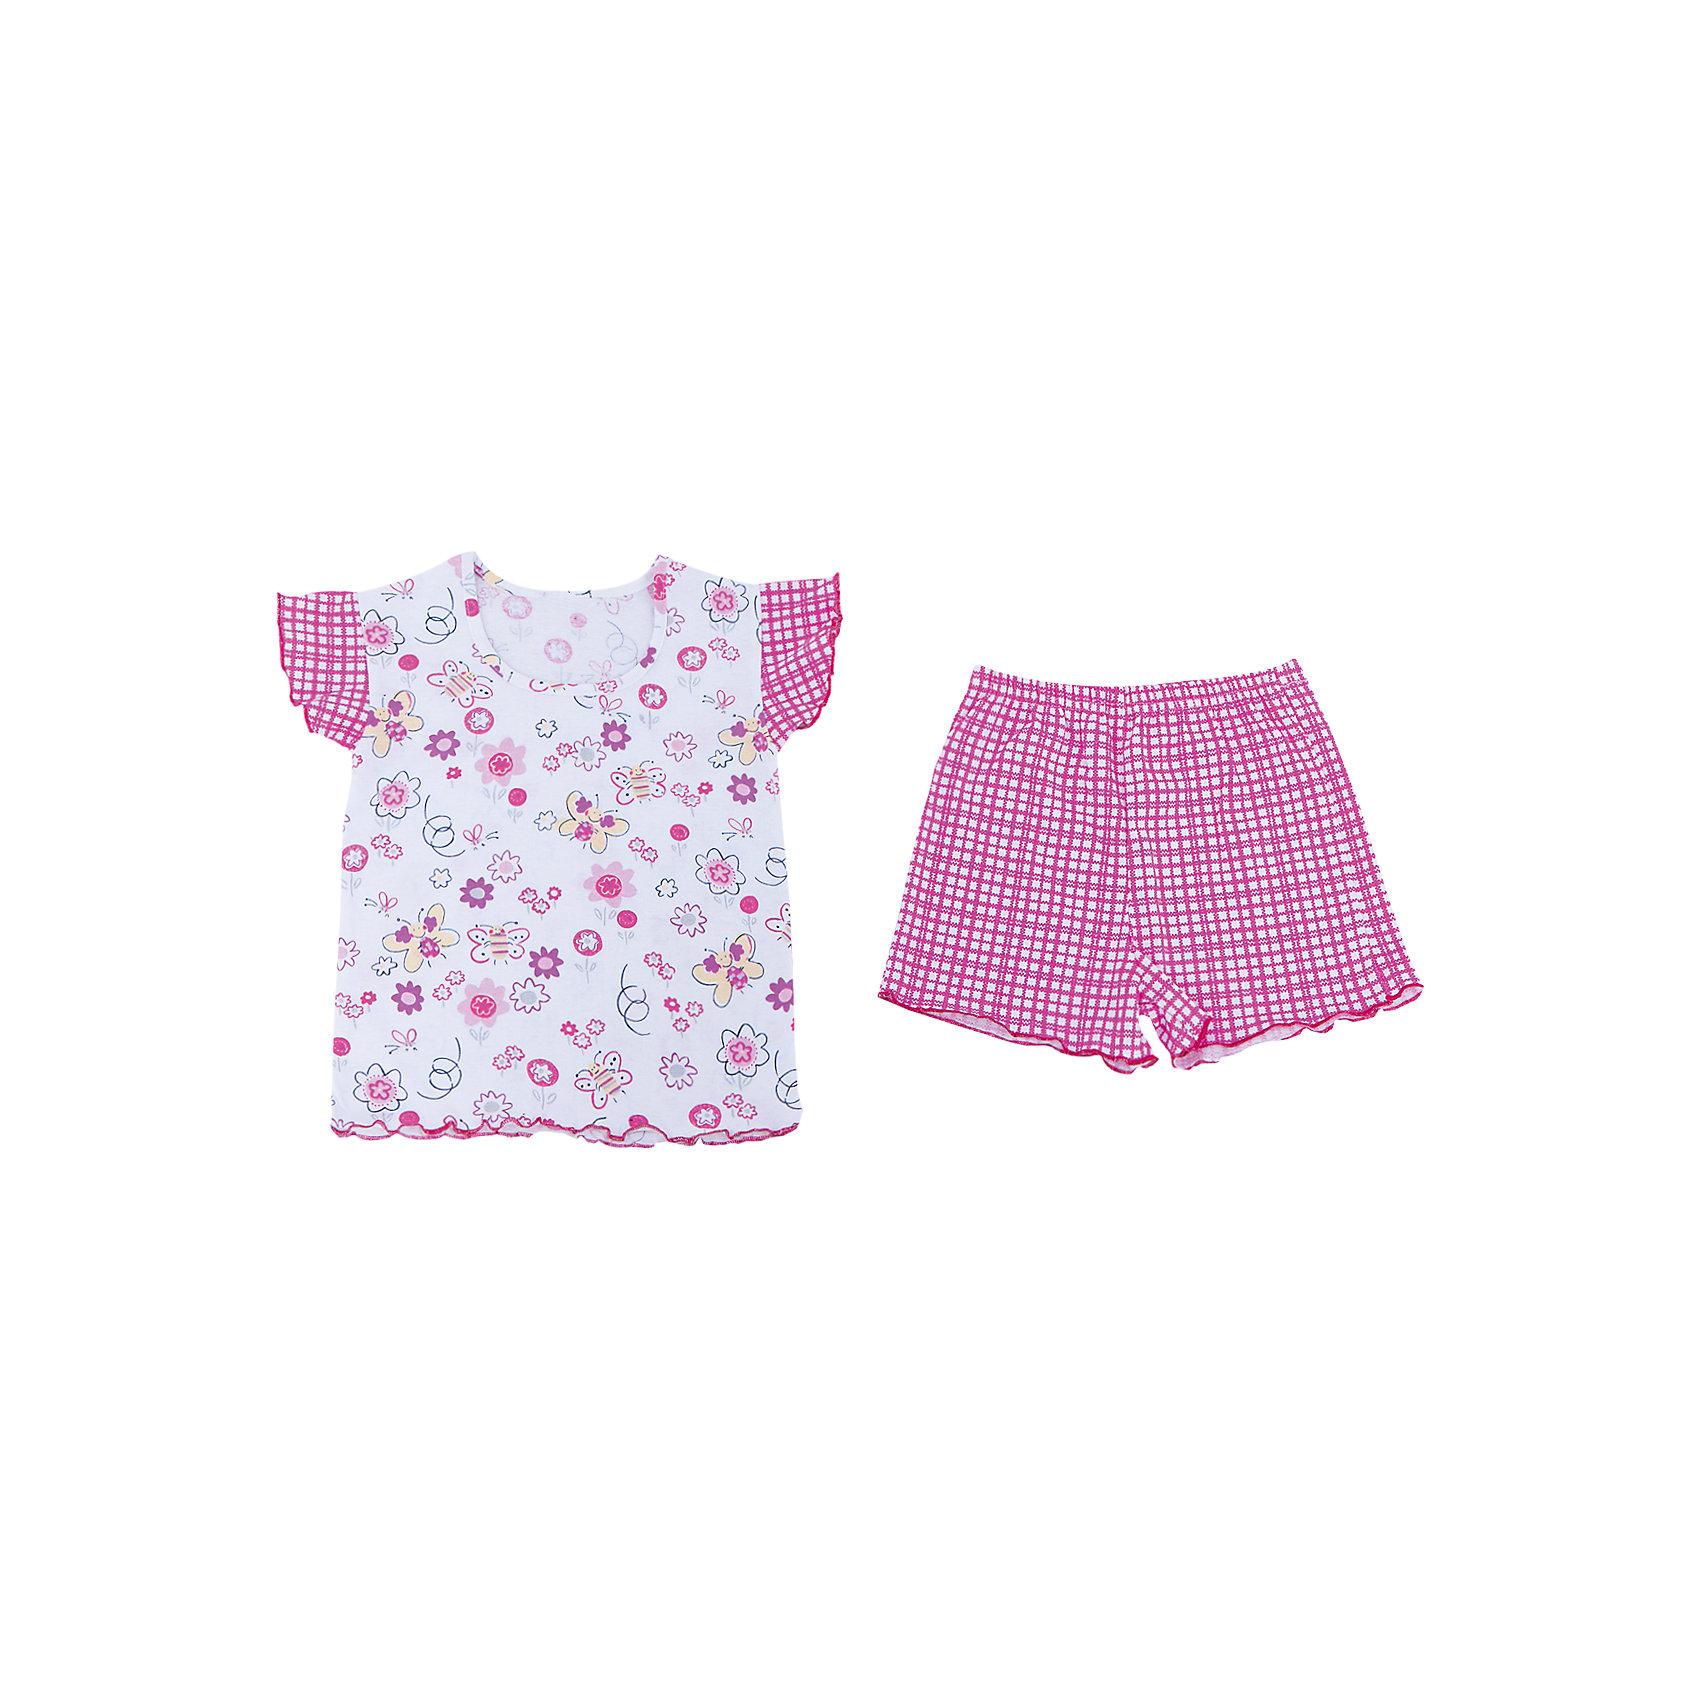 Пижама для девочки АпрельПижама для девочки Апрель.<br><br>Характеристики:<br>• состав: 100% хлопок<br>• цвет: розовый<br><br>Пижама для девочки от известной марки Апрель выполнена из мягкого хлопка, который подарит комфорт во время сна. Шортики и футболка имеют одинаковую расцветку в клетку. Футболка дополнена принтом с изображением бабочек. Рукава футболки дополнены рюшами. В этой пижаме девочка увидит самые прекрасные сны!<br><br>Пижаму для девочки Апрель вы можете купить в нашем интернет-магазине.<br><br>Ширина мм: 281<br>Глубина мм: 70<br>Высота мм: 188<br>Вес г: 295<br>Цвет: розовый<br>Возраст от месяцев: 60<br>Возраст до месяцев: 72<br>Пол: Женский<br>Возраст: Детский<br>Размер: 116,98,128,122,110,104<br>SKU: 4936731